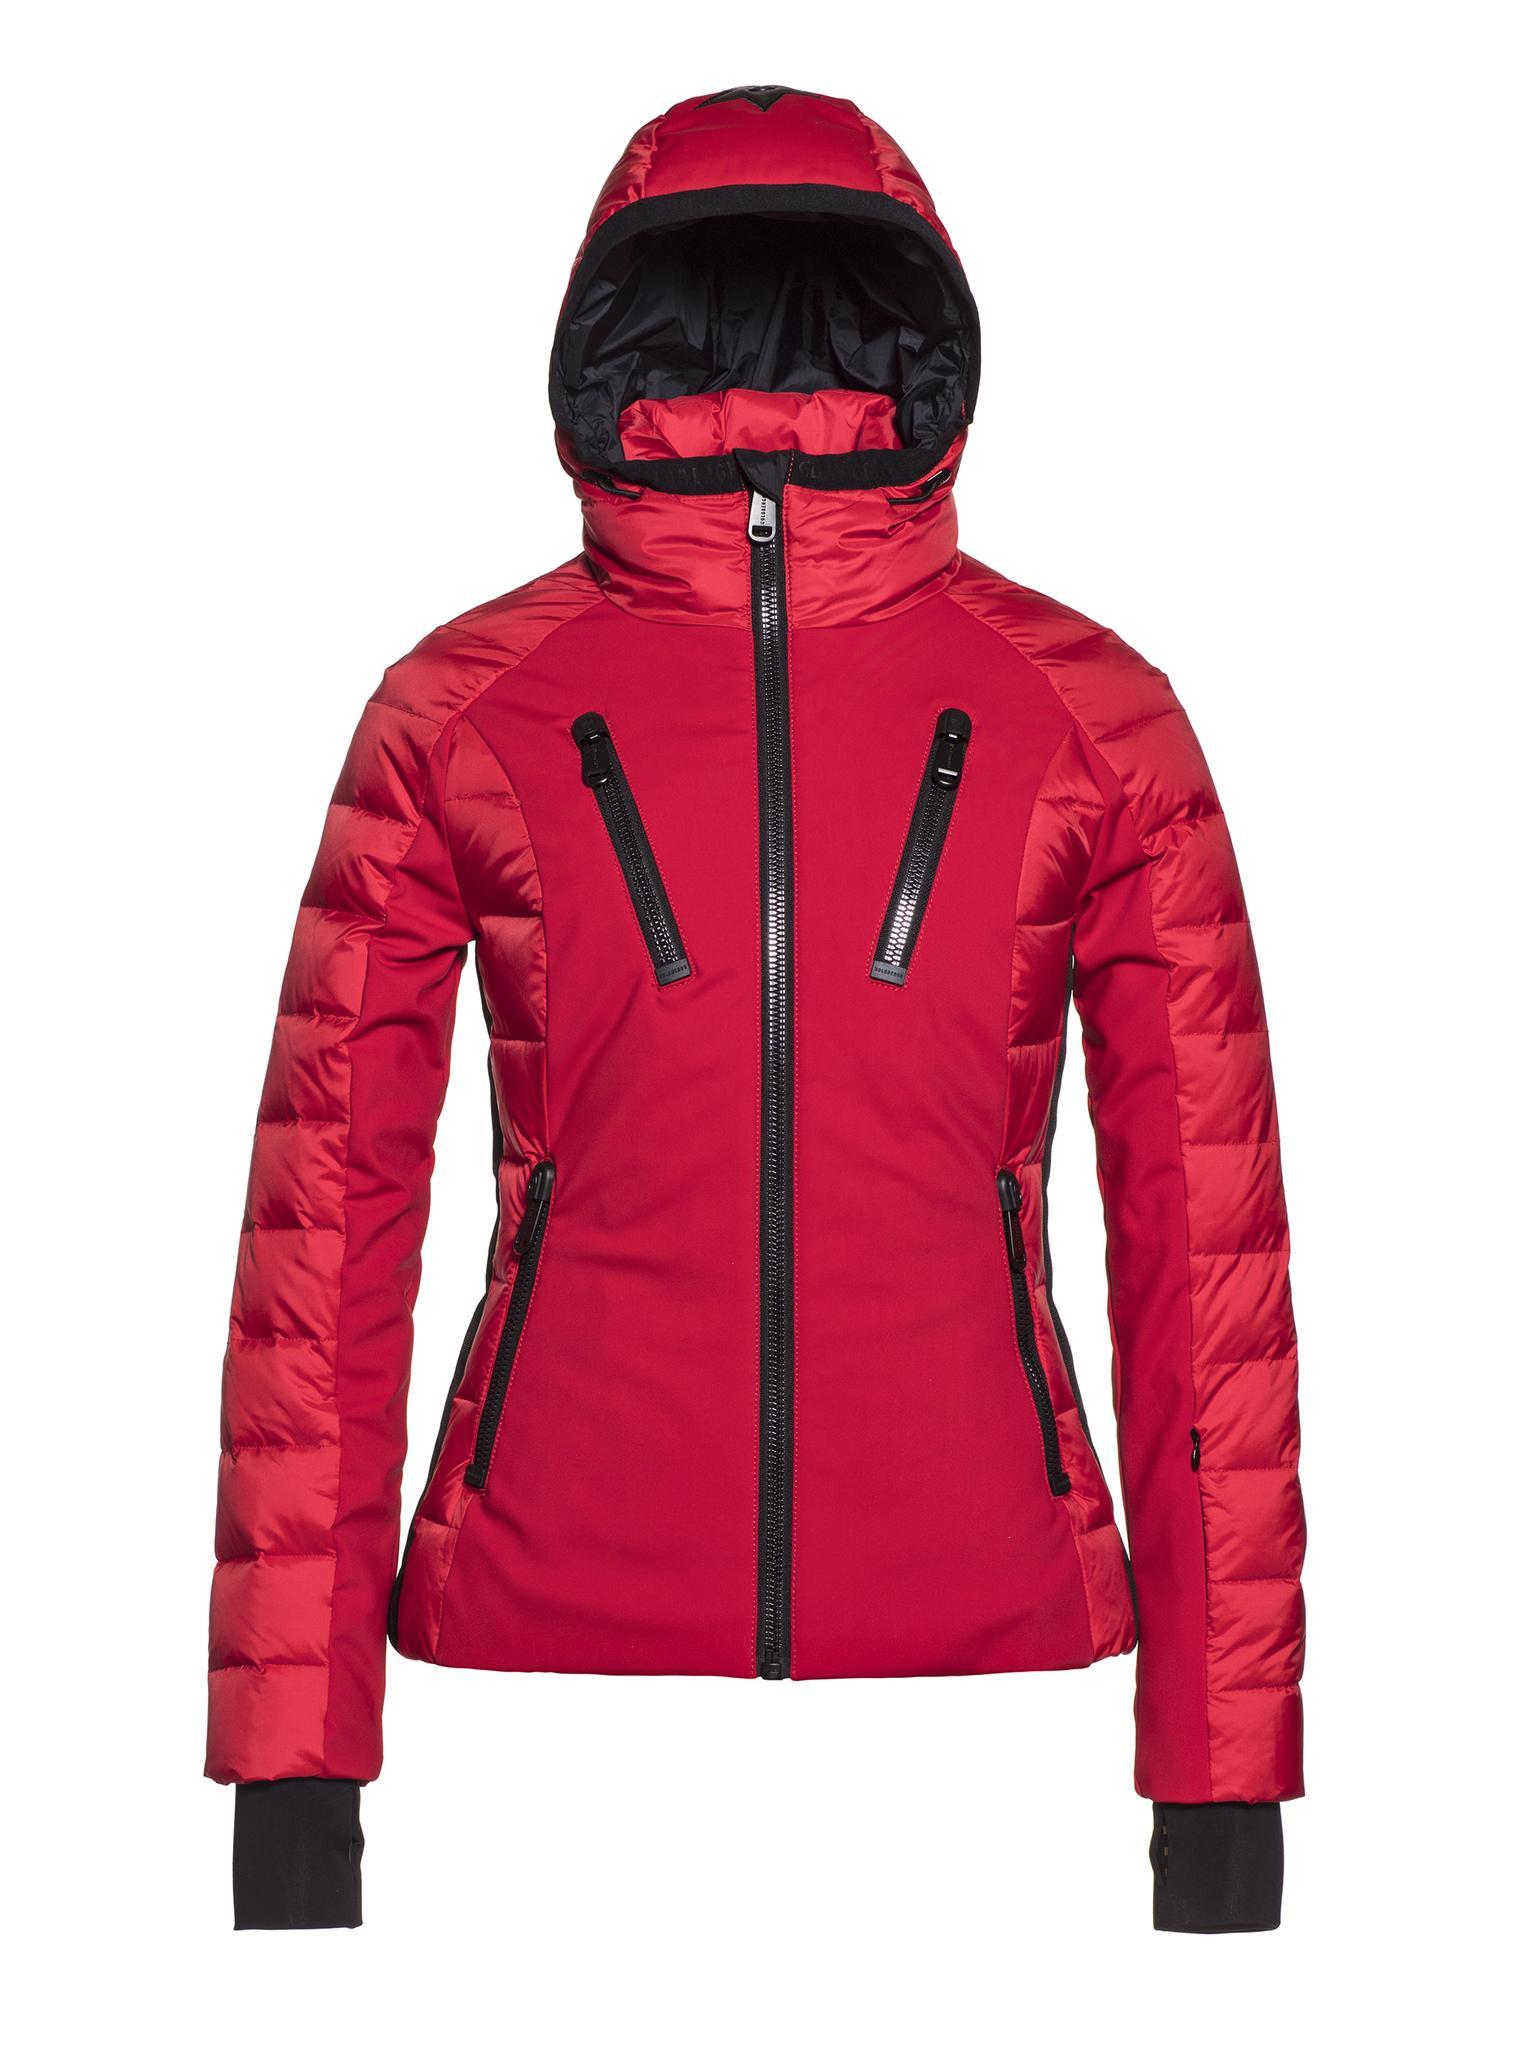 Rode dames winter jas Goldbergh - Fosfor - GB1613193